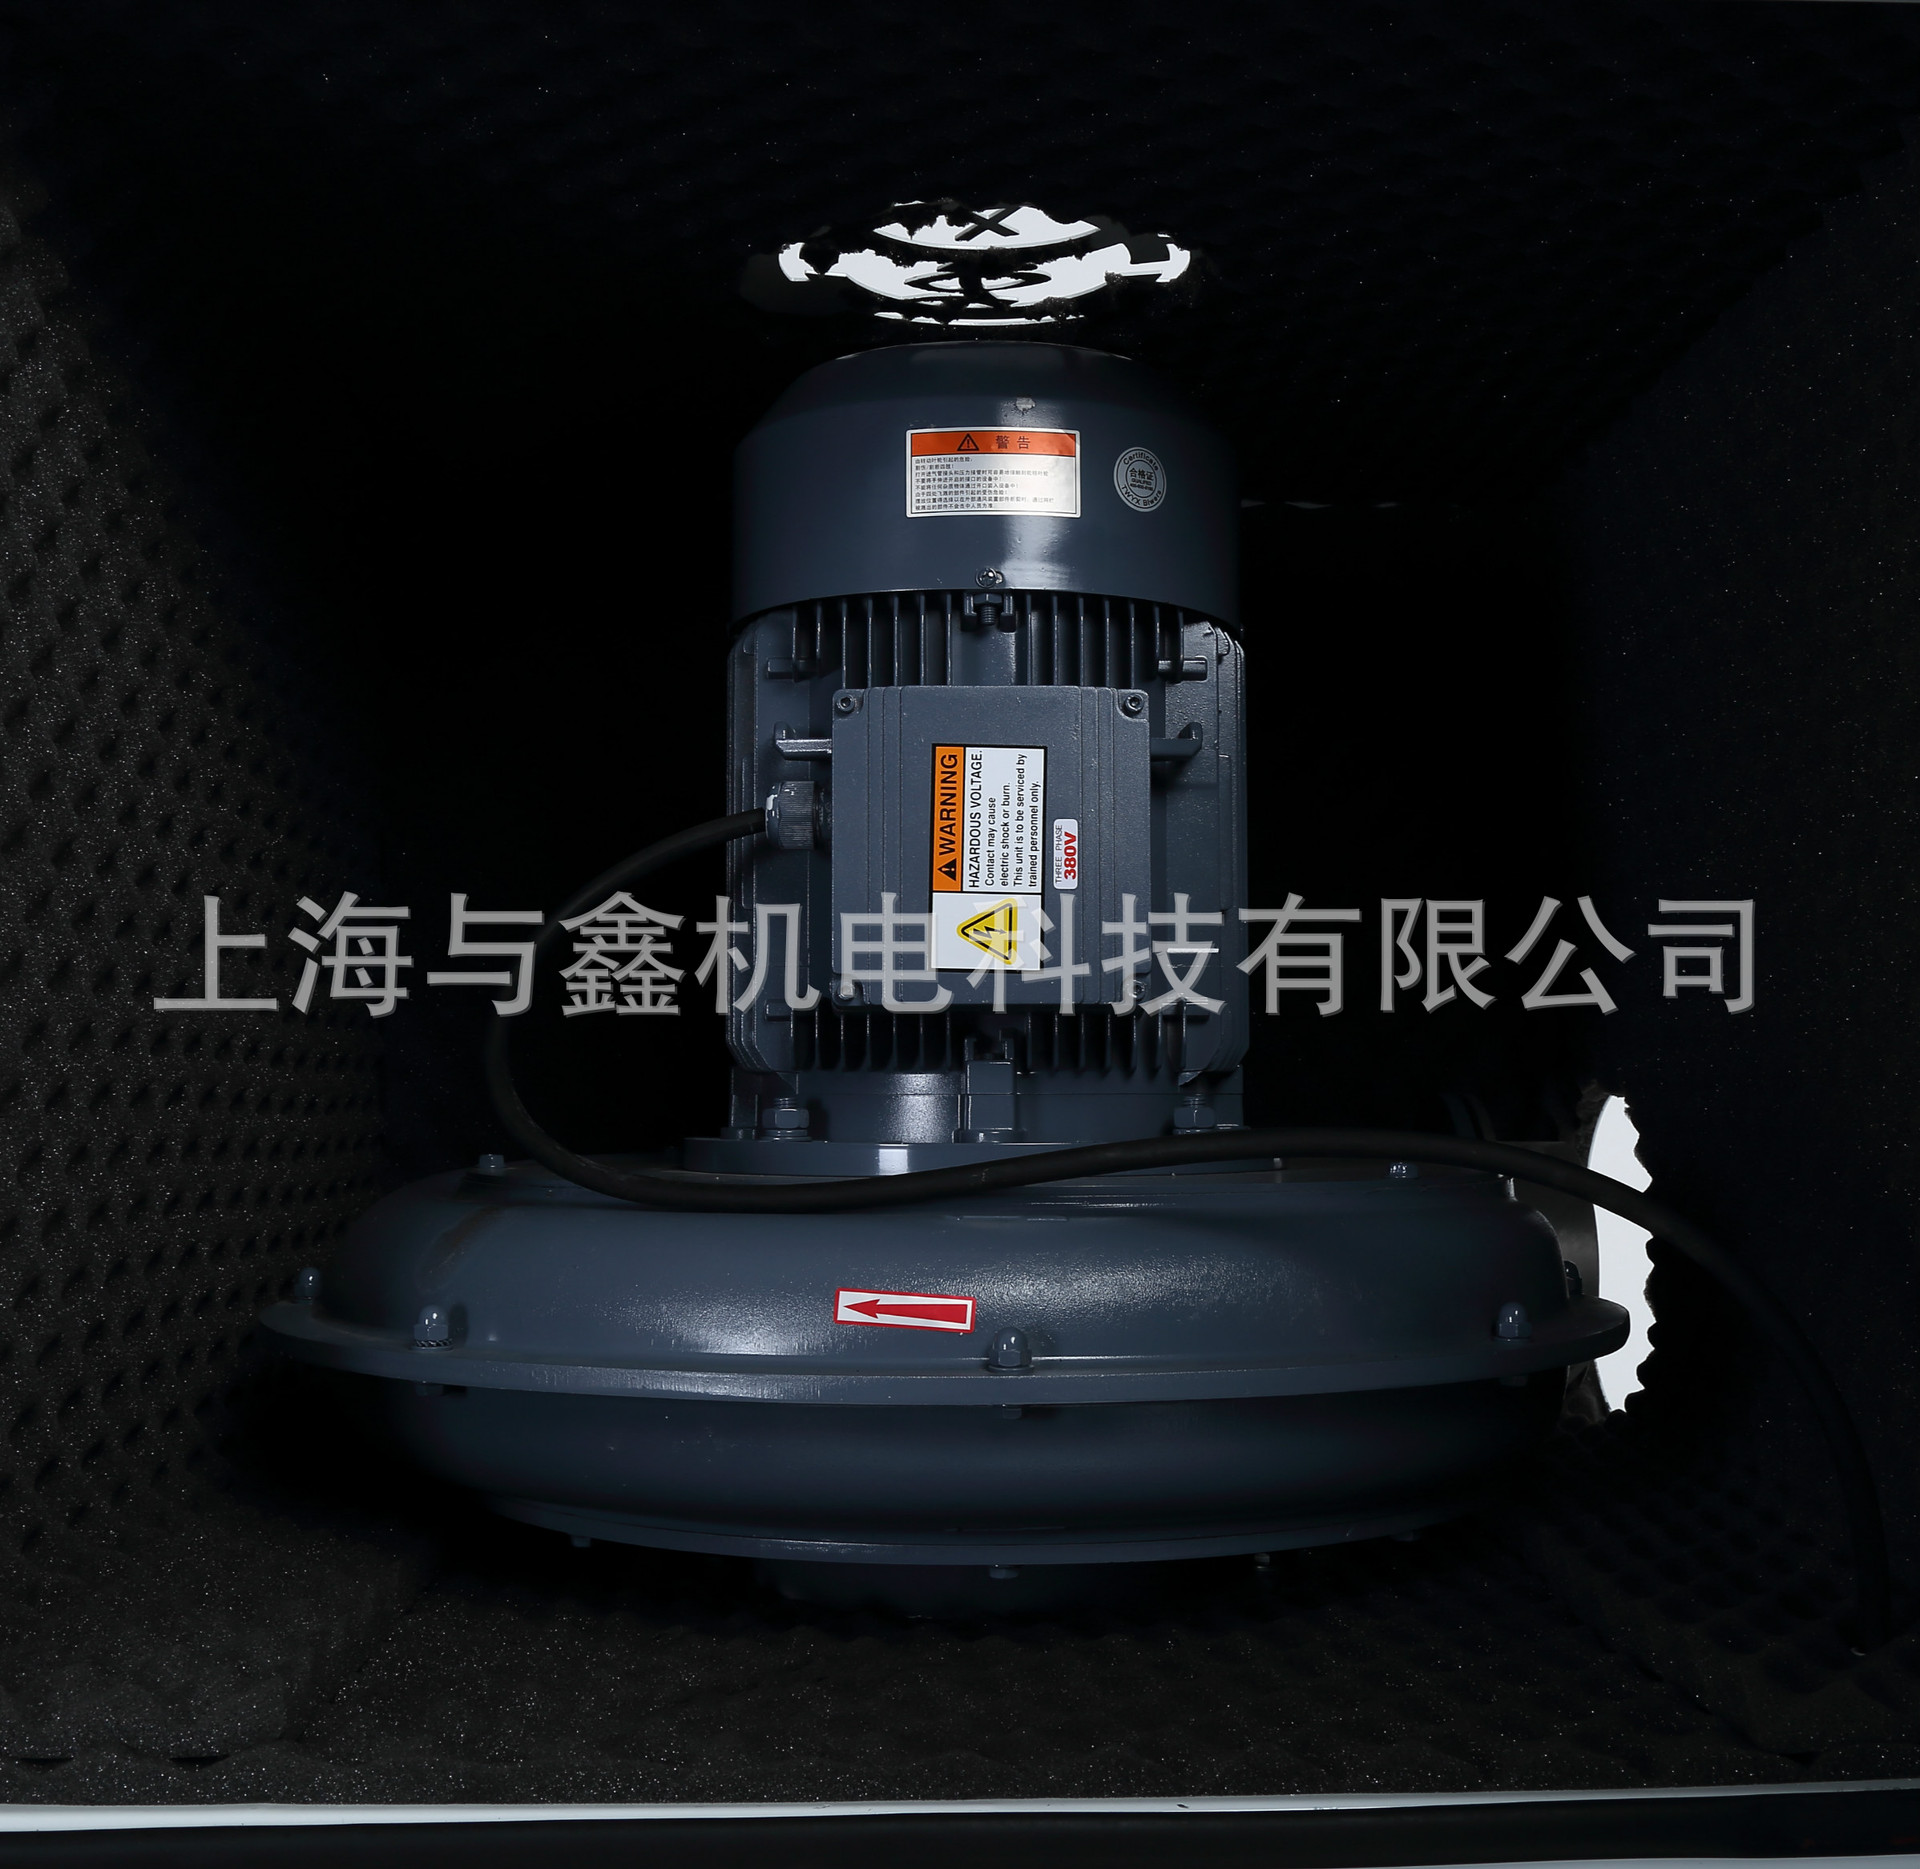 现货直销 磨床吸尘器 移动式抛光除尘器 平面磨床集尘器厂家 大功率磨床吸尘器 移动磨床吸尘器示例图4